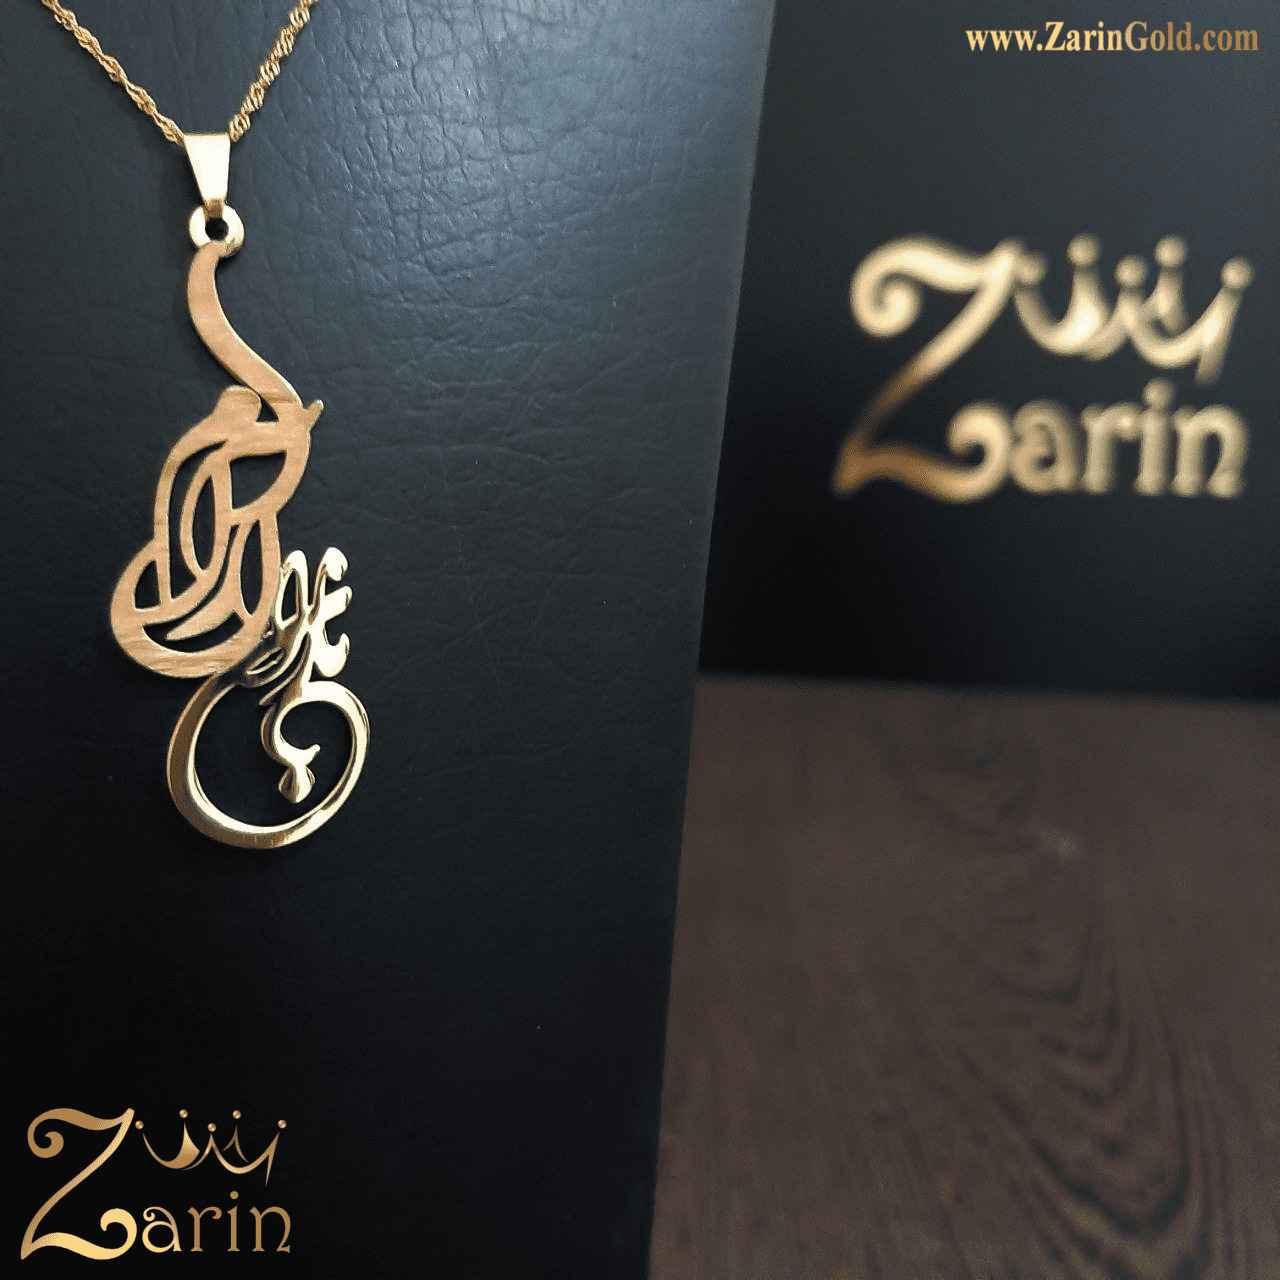 پلاک طلا ترکیبی دو اسم فارسی باران آرام